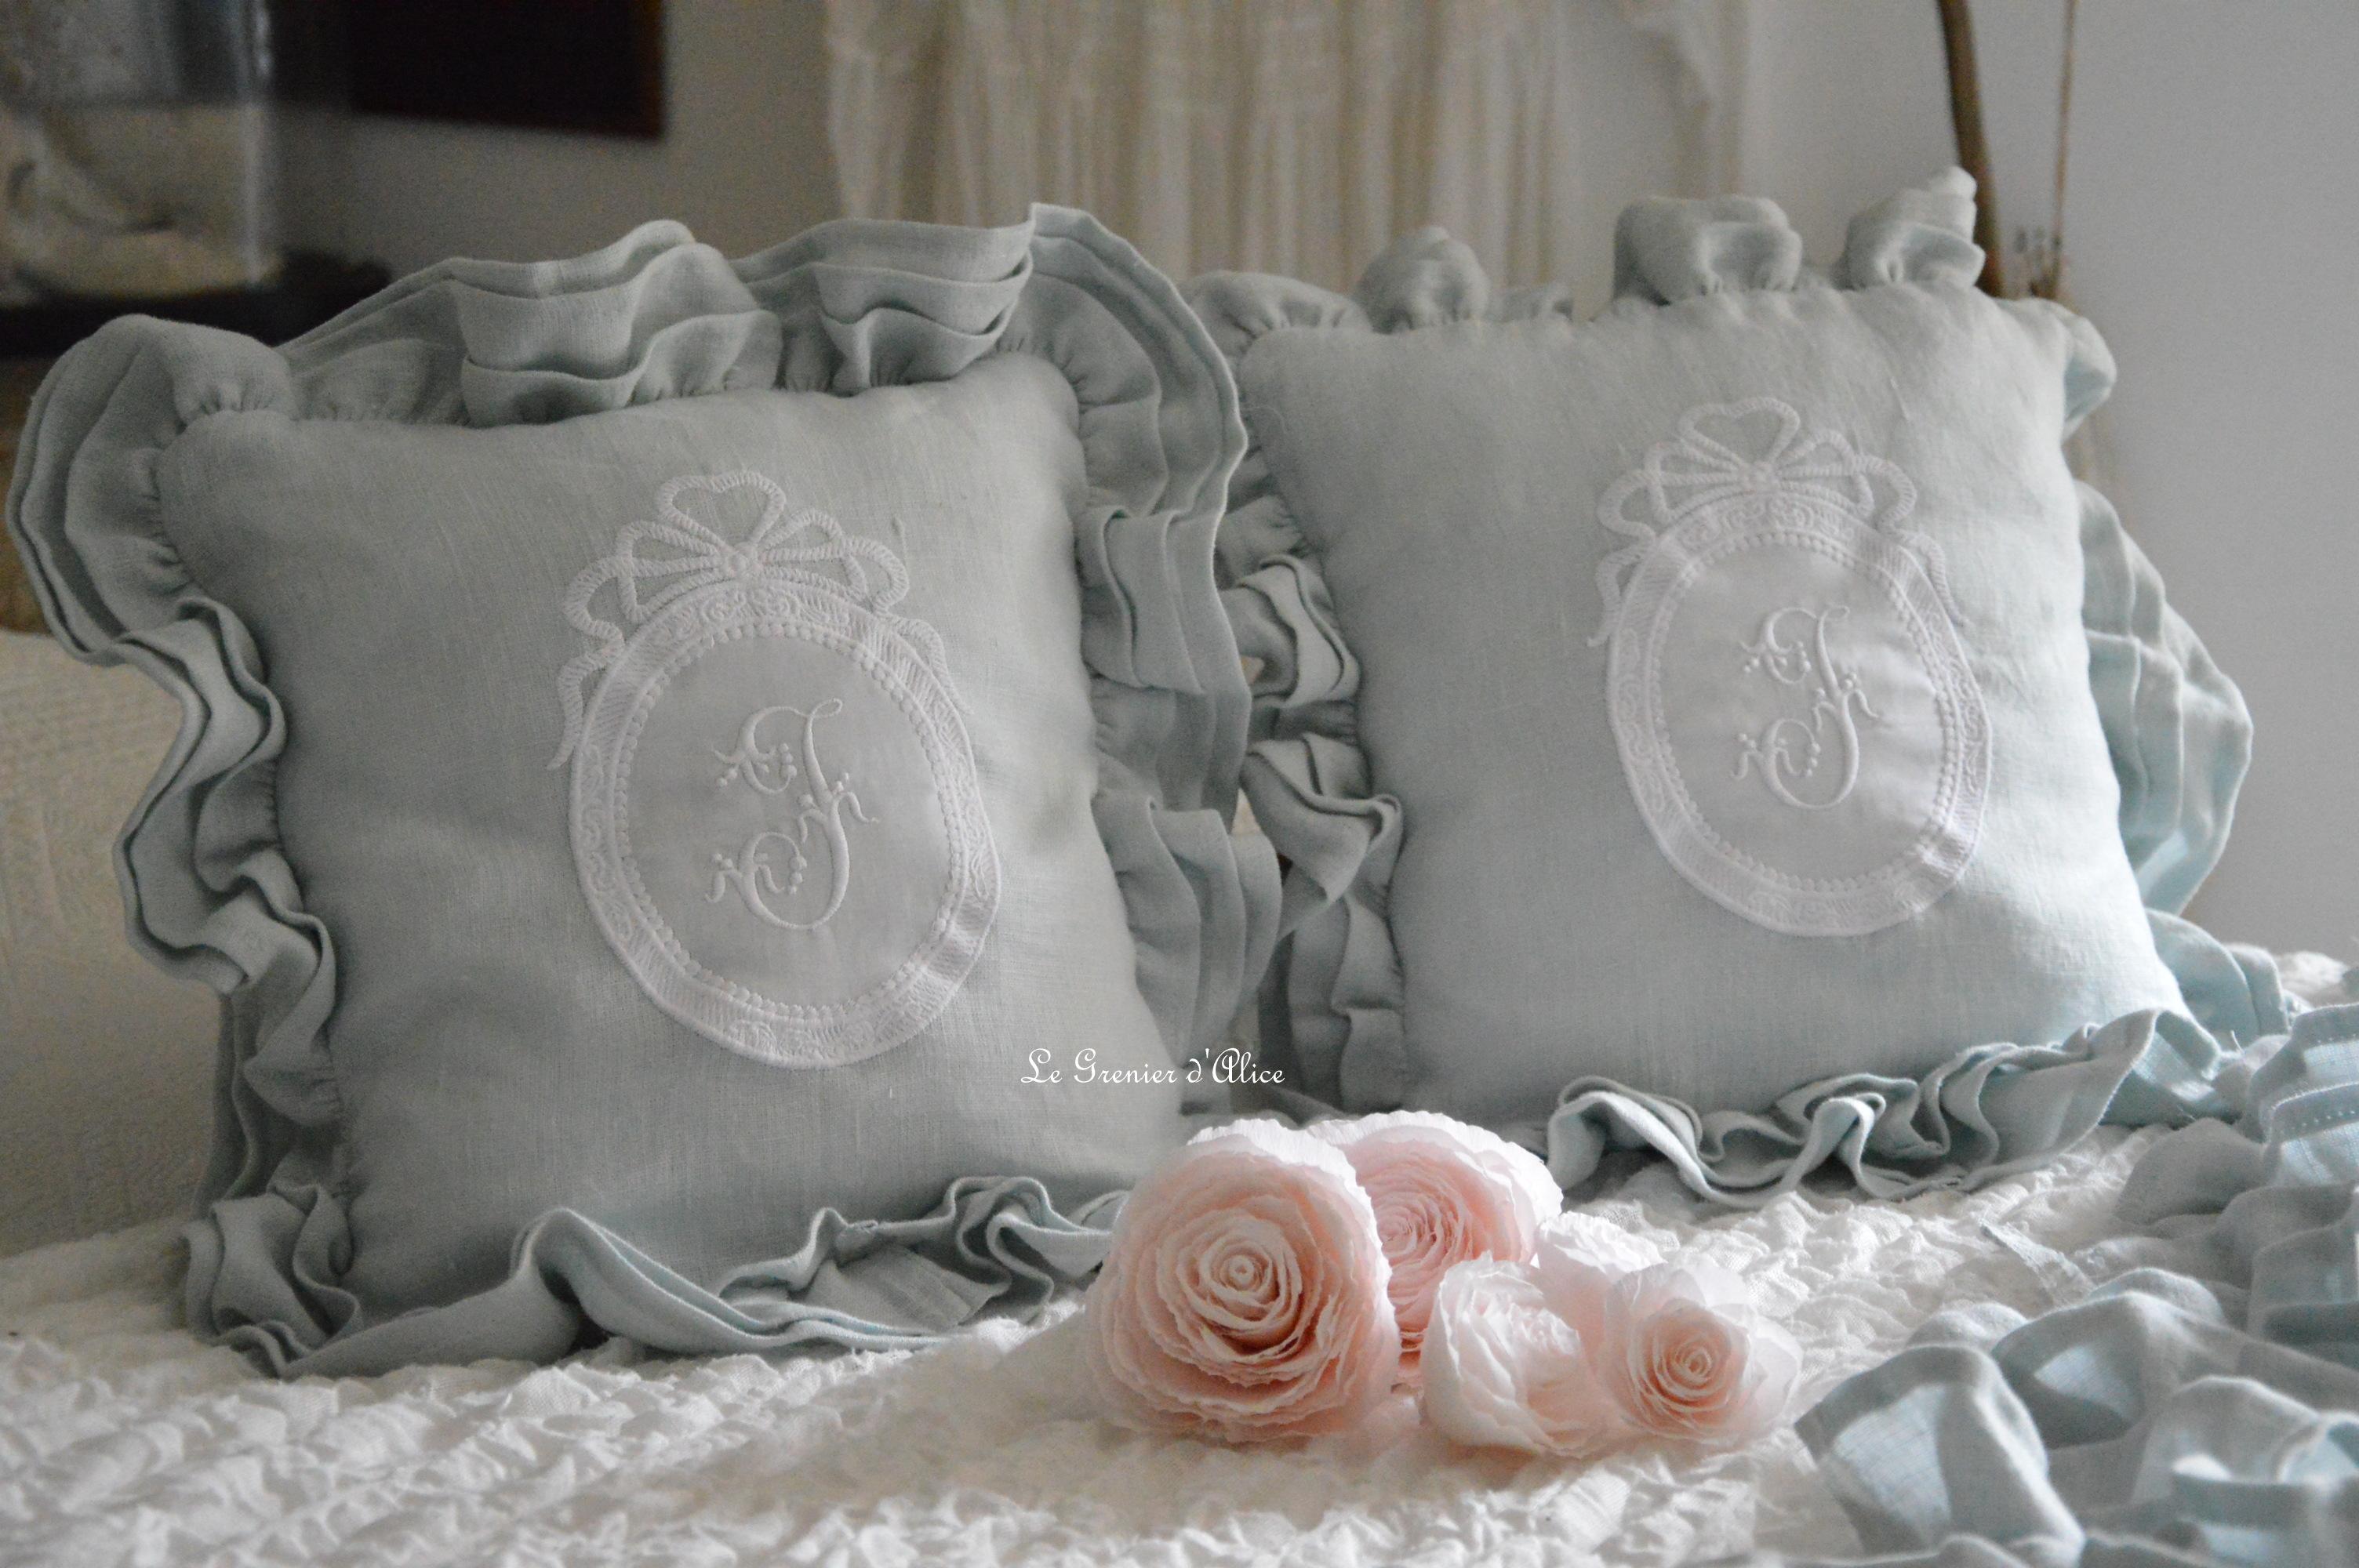 Bout de lit jeté de lit bout de pied shabby chic romantique lin gris nordique gris gustavien volant froufrou ruffle linen création le grenier dalice 2